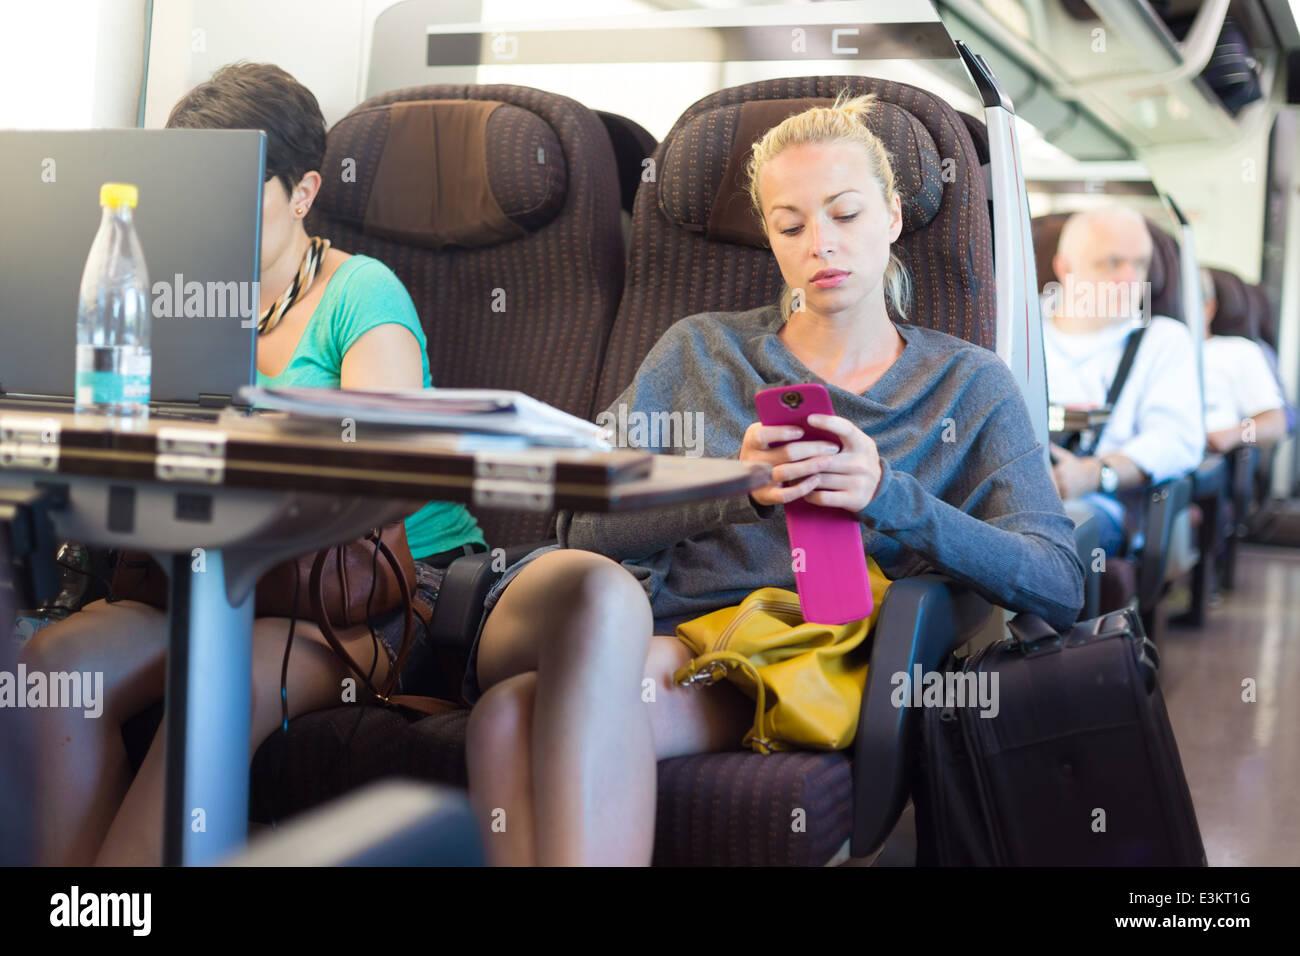 Dame voyageant par train à l'aide de votre smartphone. Photo Stock